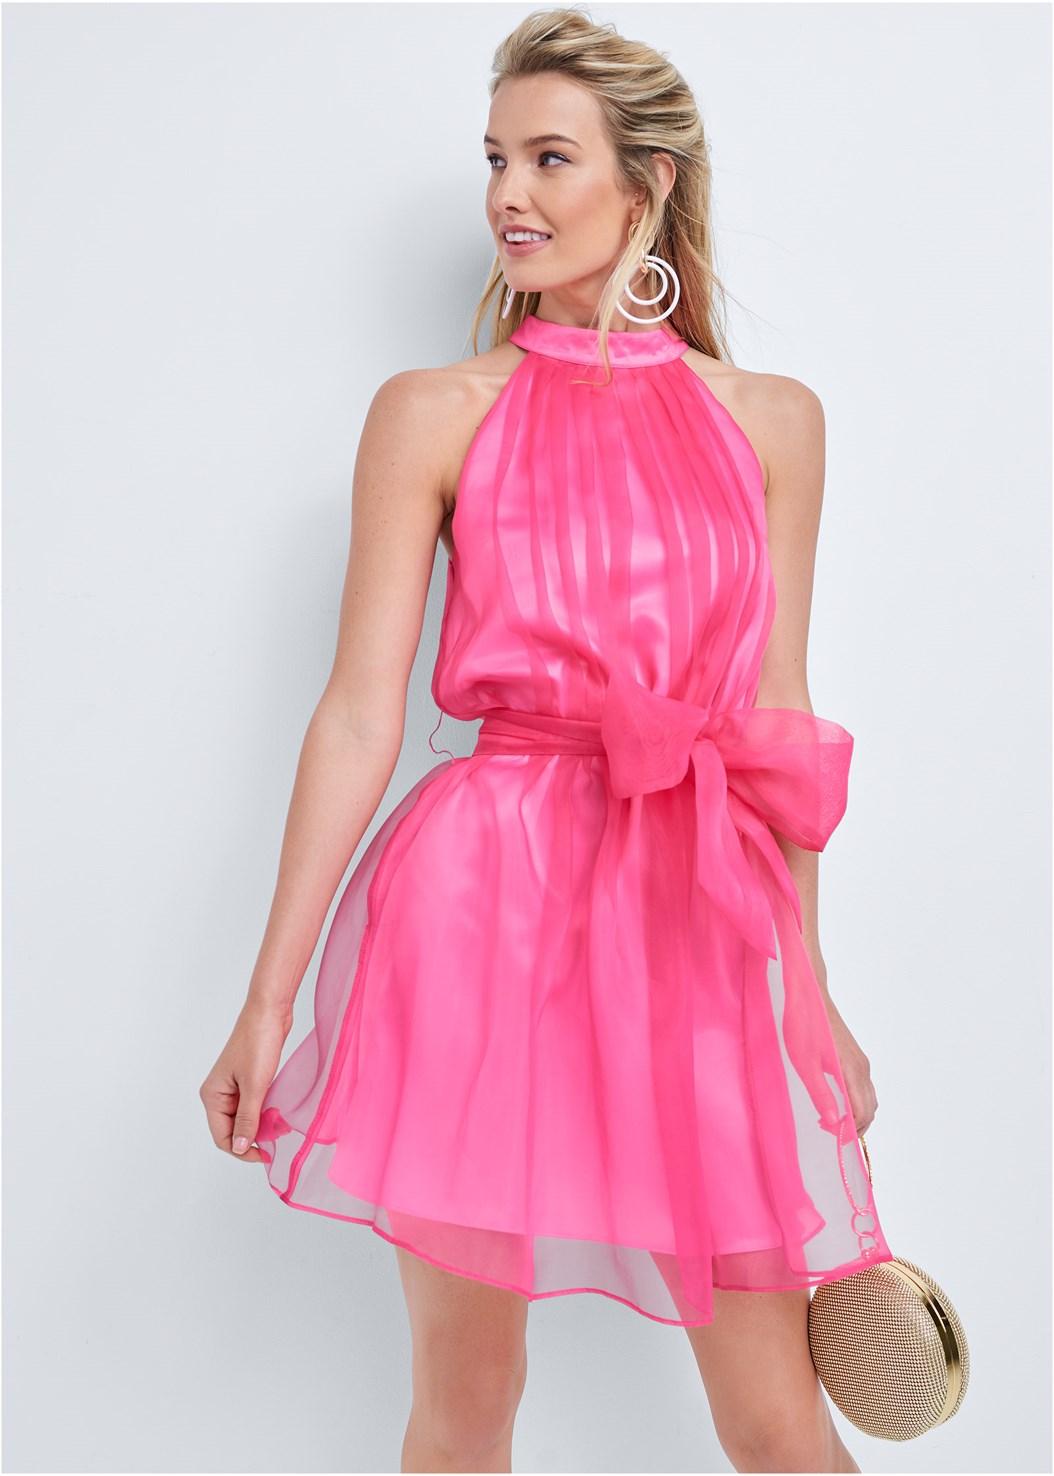 Sleeveless Organza Dress,Flower Detail Heels,Ring Handle Circle Clutch,Color Block Hoop Earrings,Striped Sequin Backpack